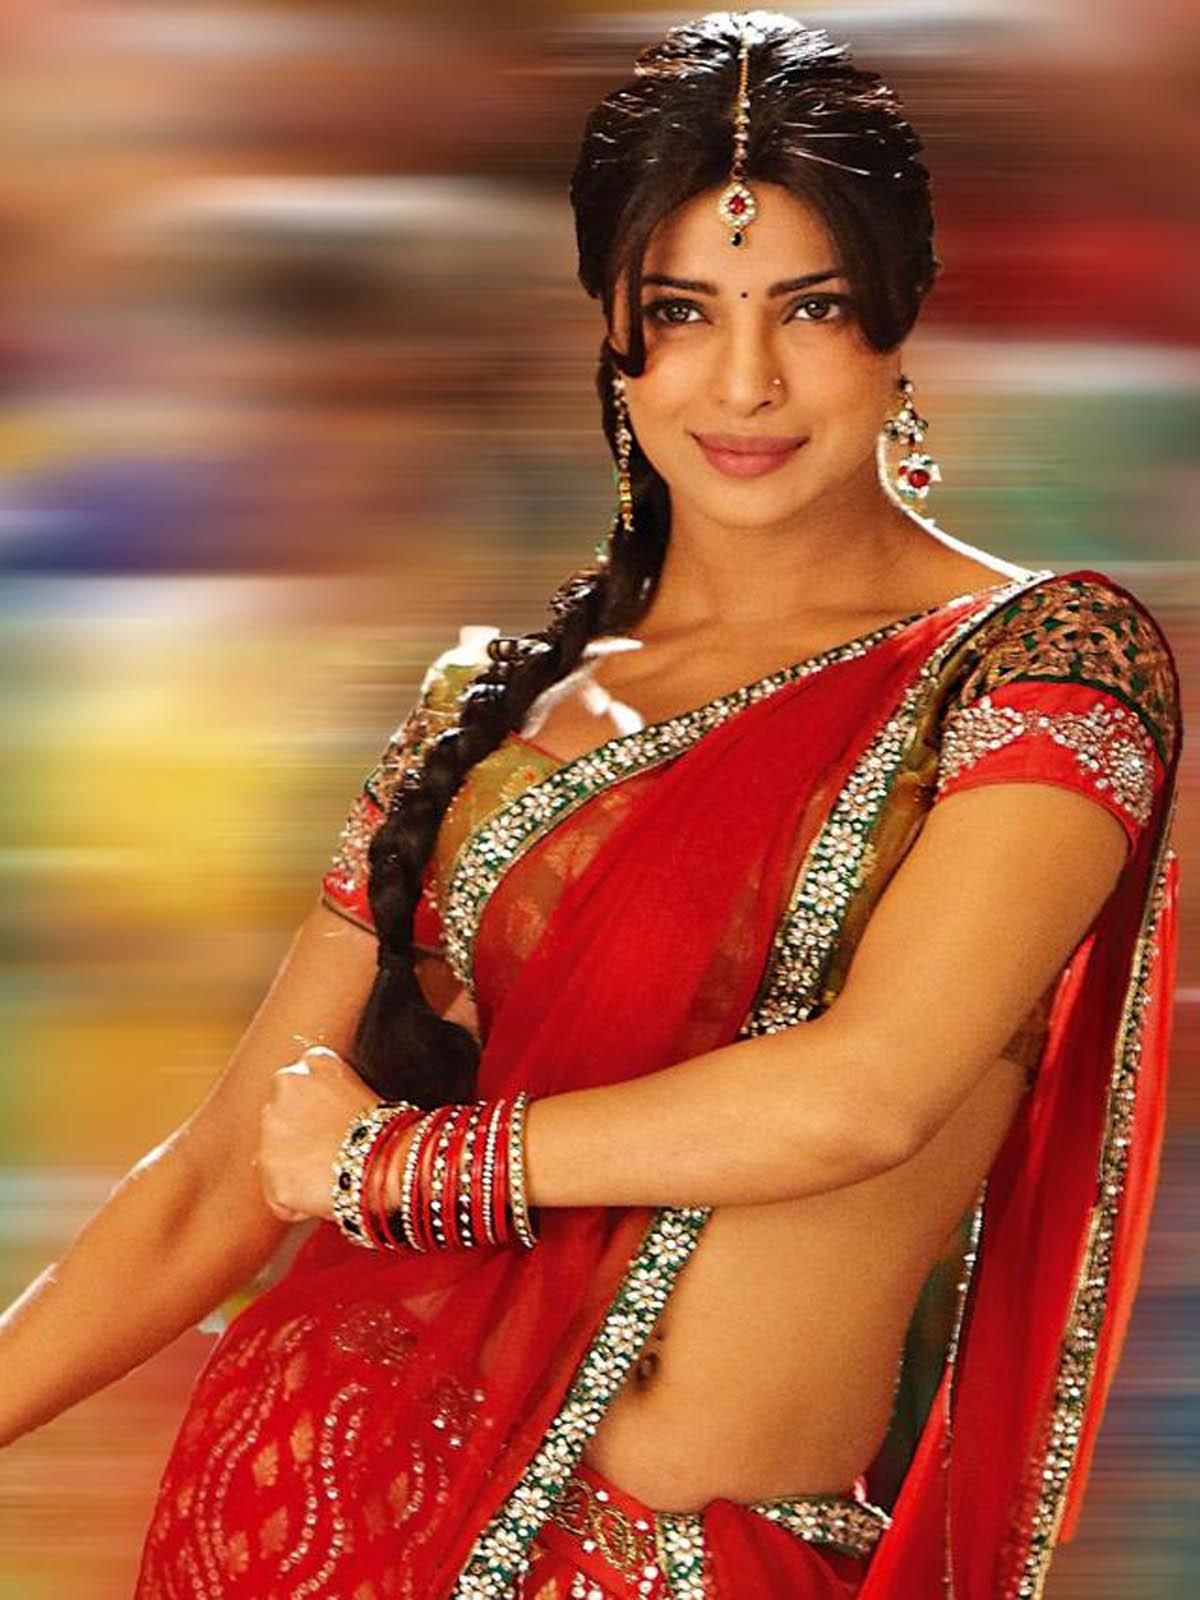 Hot Desi Curves: Priyanka Chopra hottest stills and hd ...